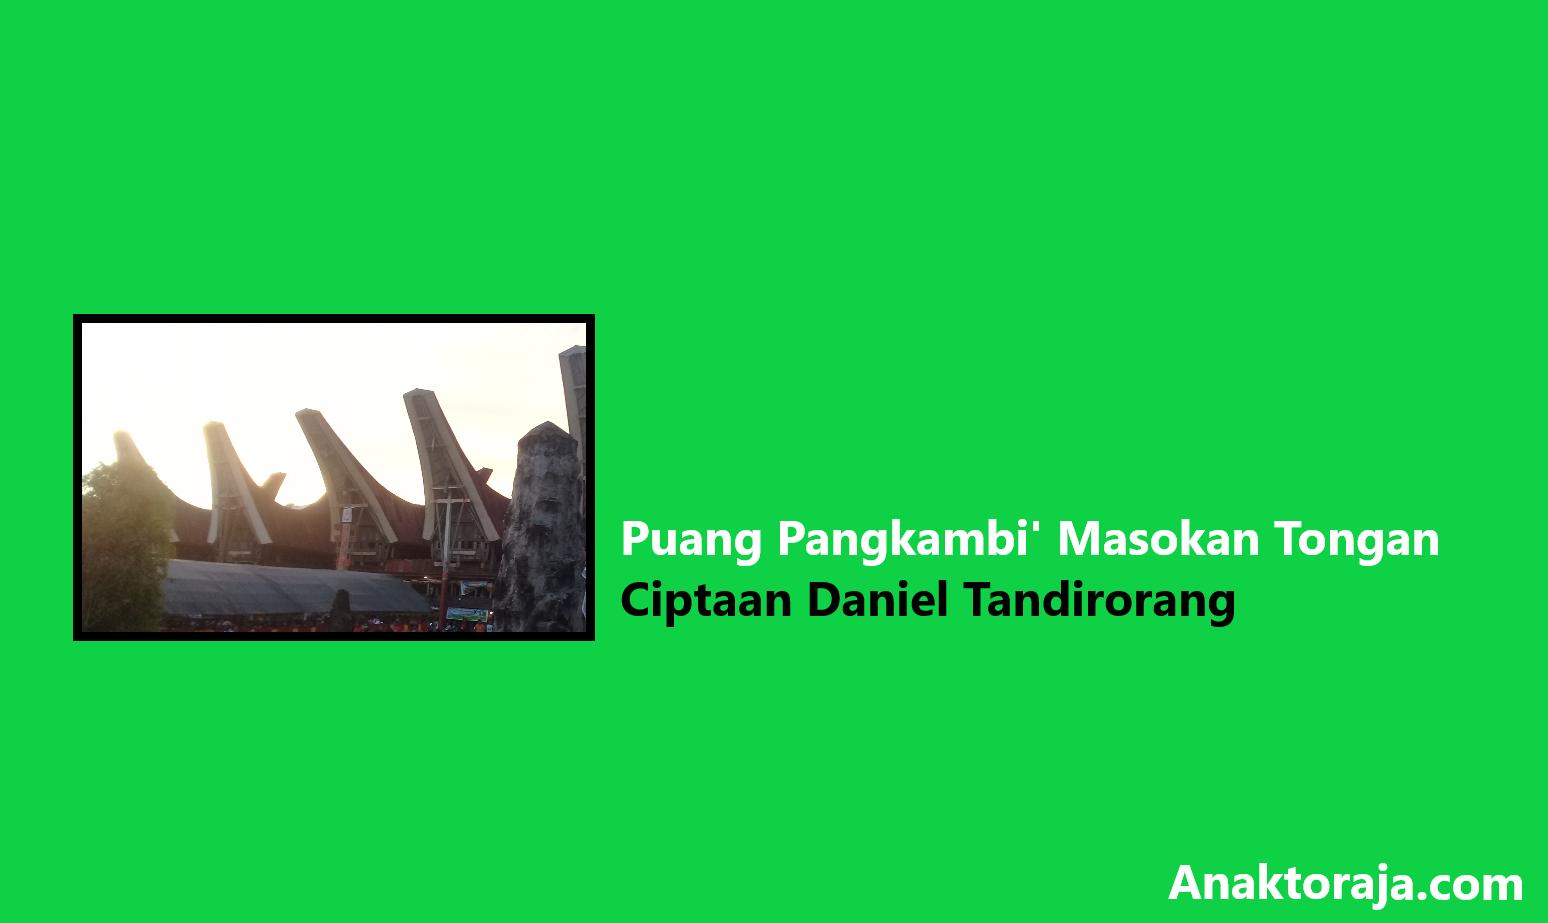 Lirik Lagu Puang Pangkambi' Masokan Tongan